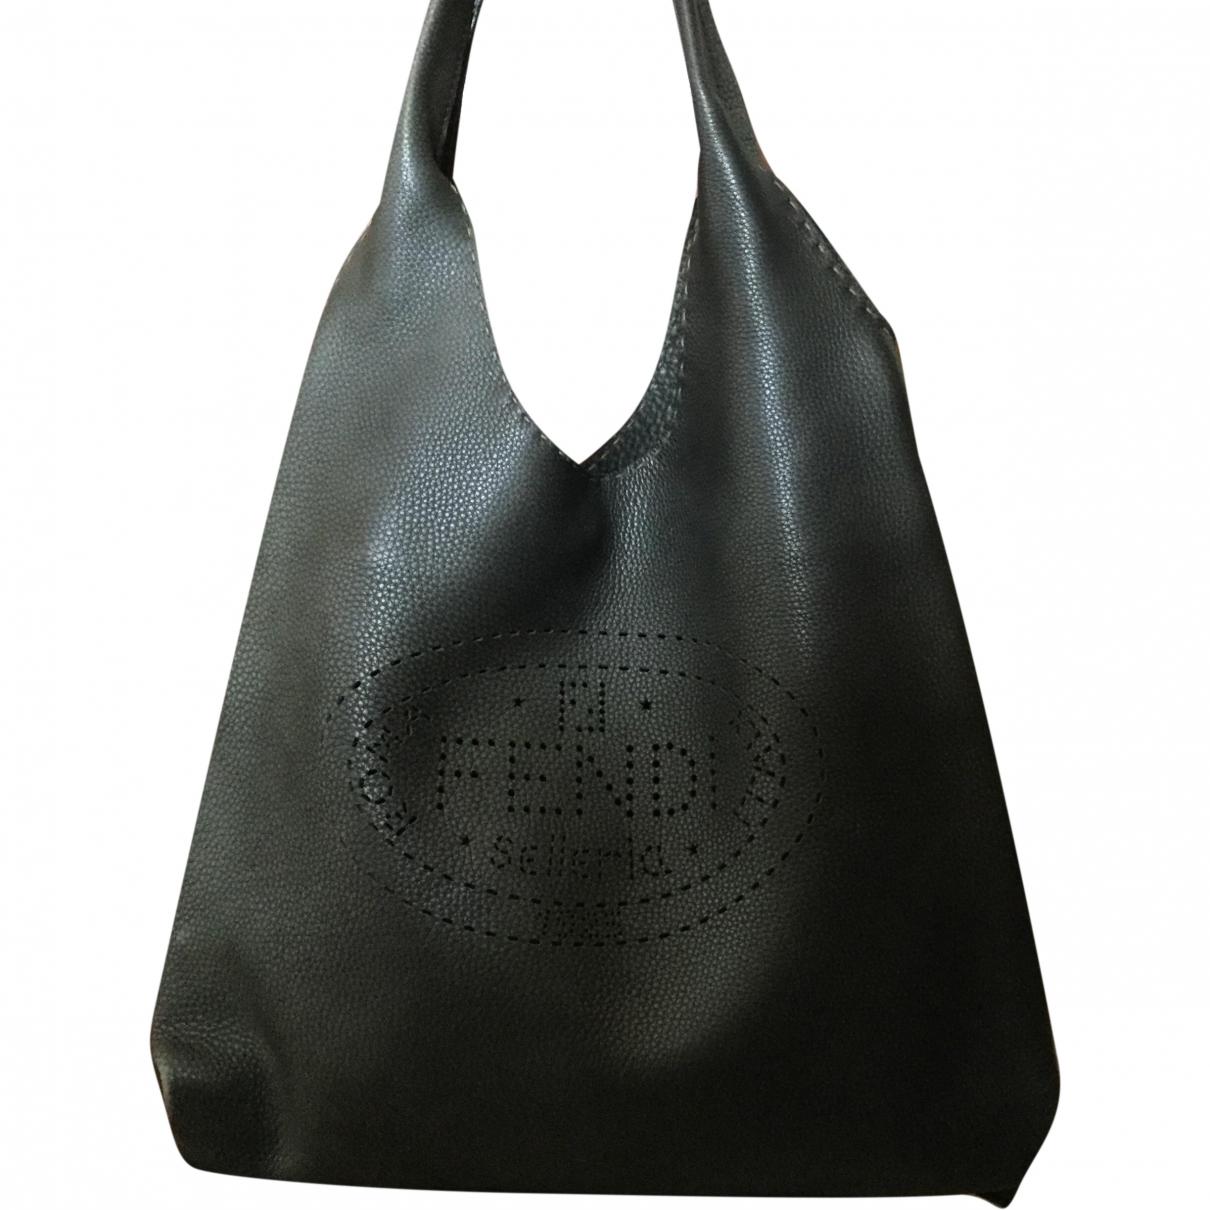 Fendi \N Anthracite Leather handbag for Women \N